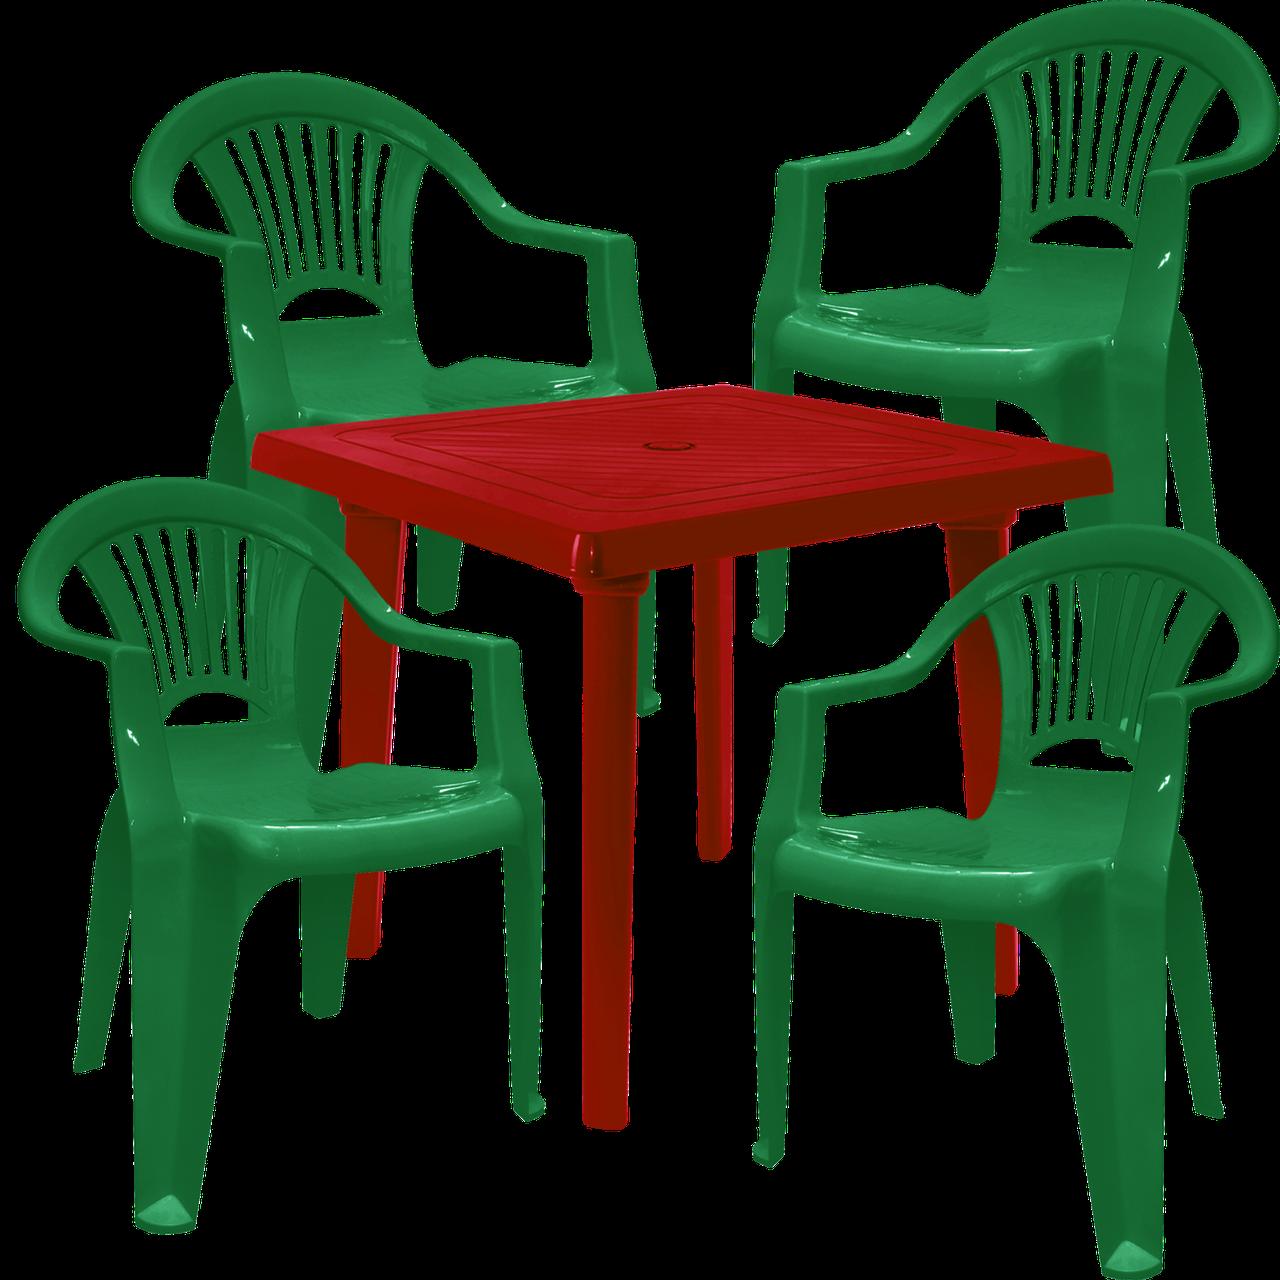 Комплект пластиковых стульев и стол Разноцветный (ЛУКВАД 4zv)